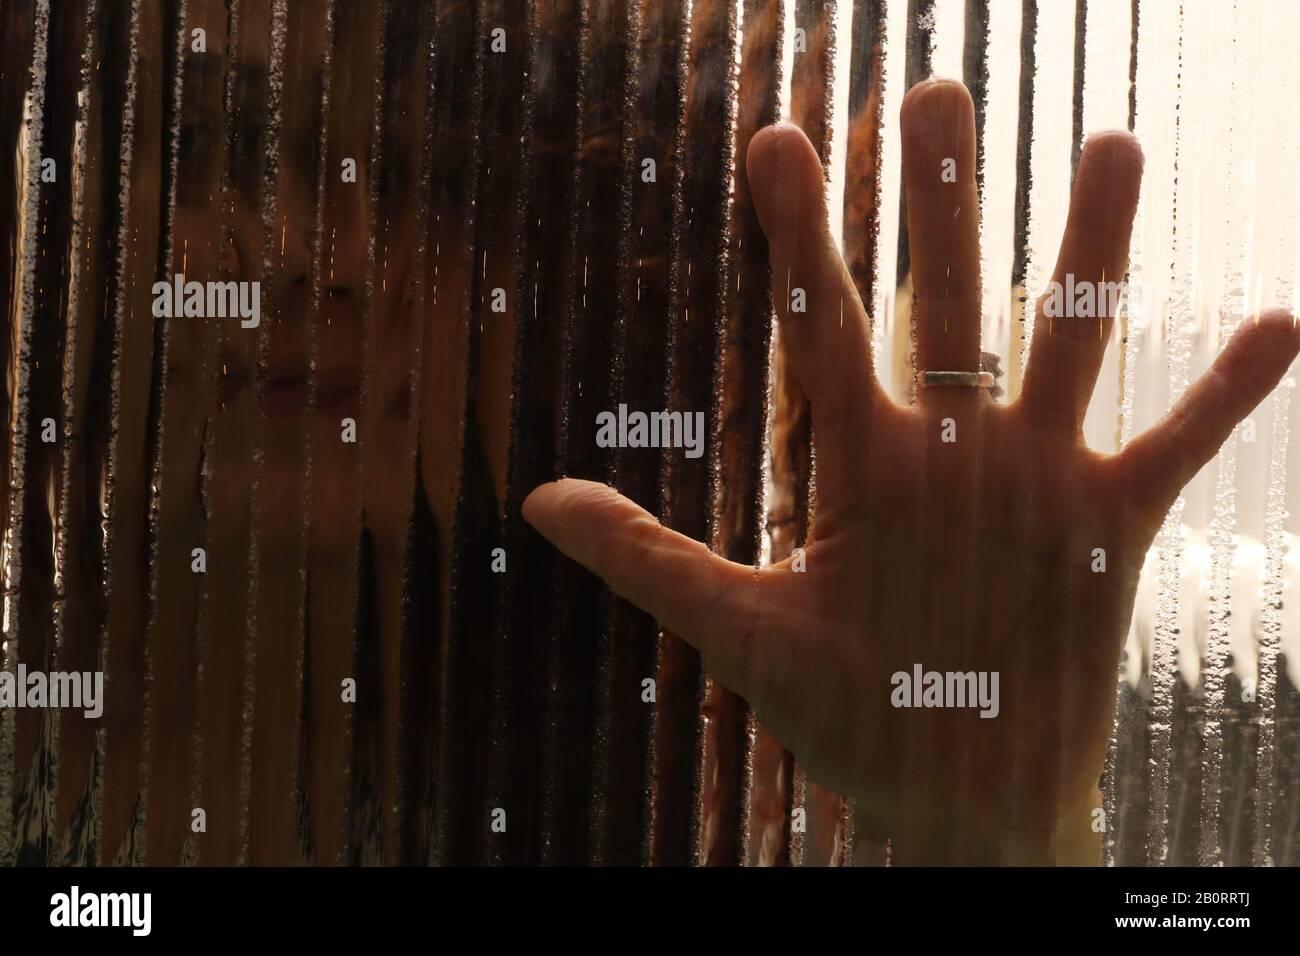 Imagen espeluznante de la niña detrás del cristal con las palmas de las manos sobre el cristal texturizado Foto de stock